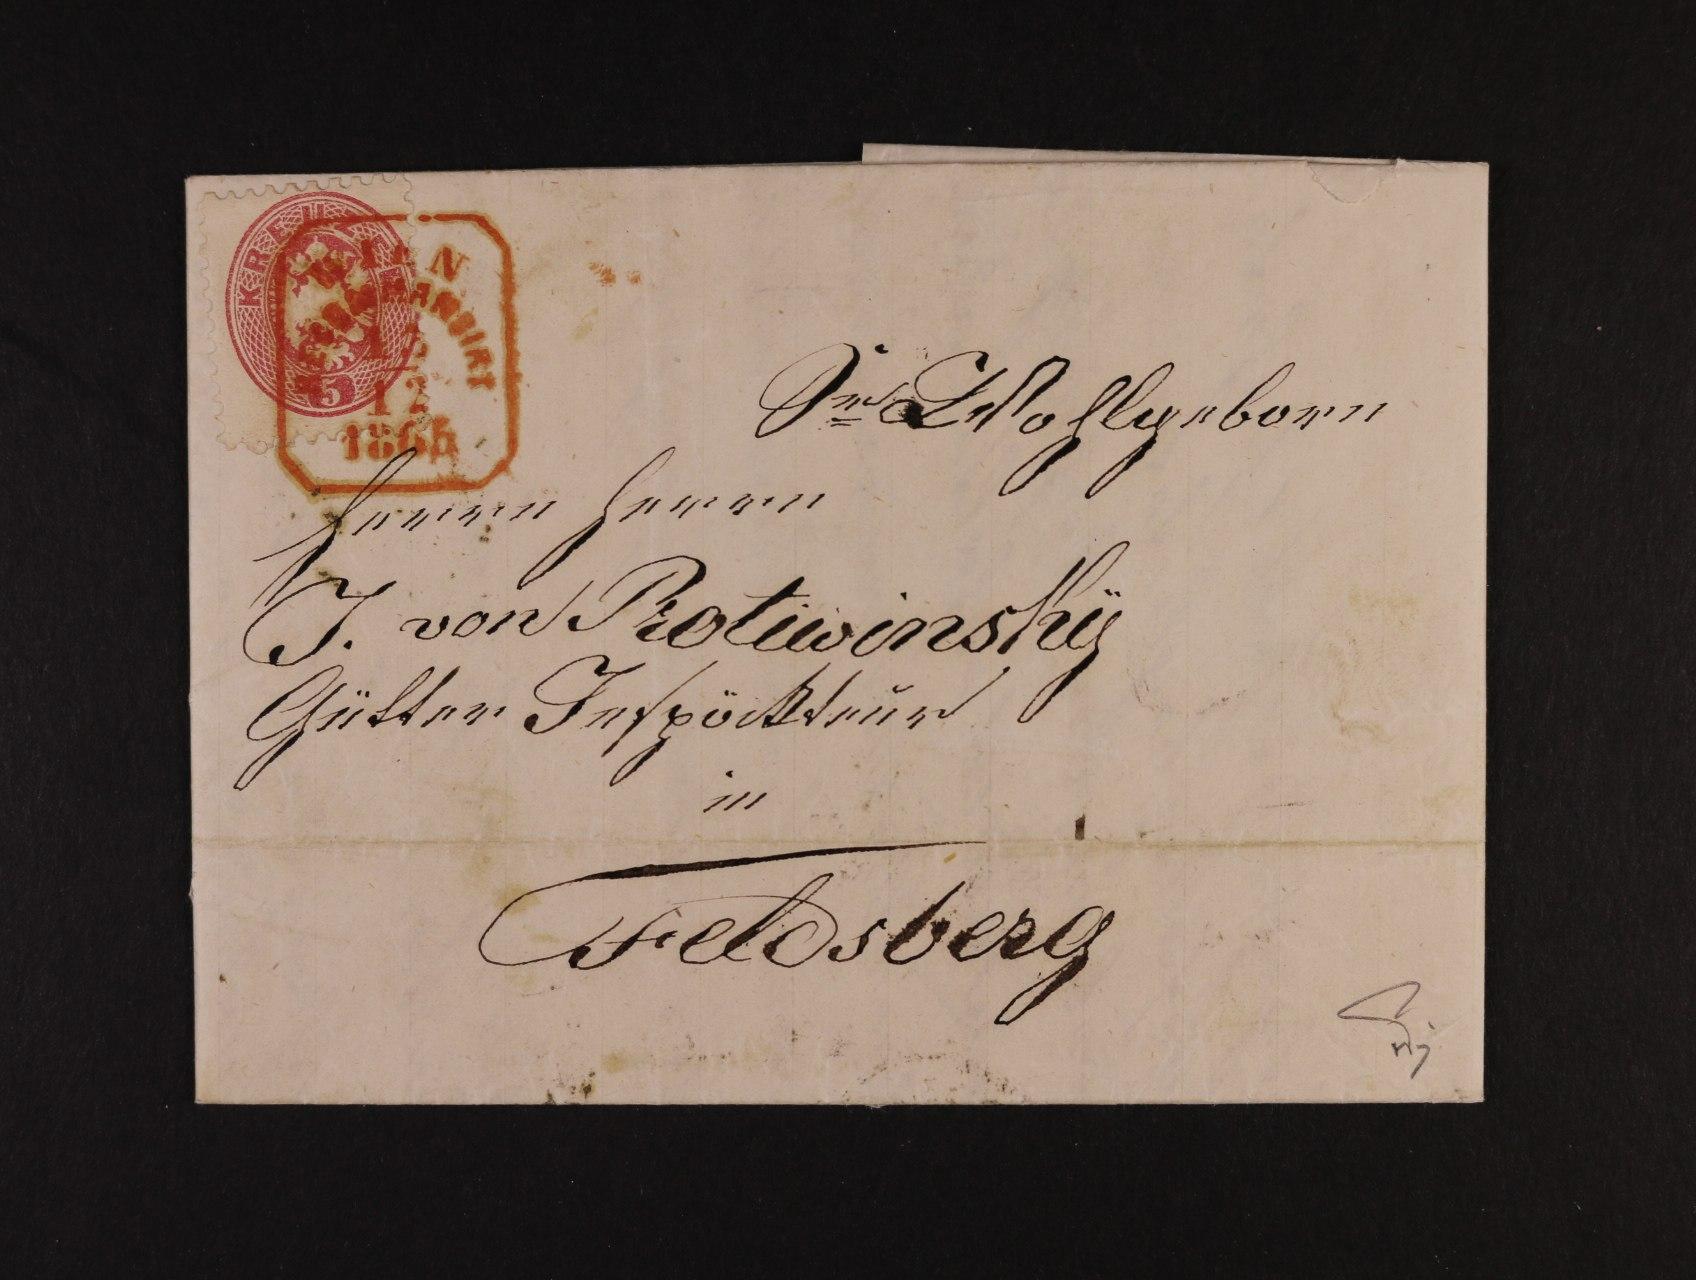 skl. R-dopis do Valtic z r. 1865 frank. na přední str. zn. Fe. č. 32, na zadní str. zn. Fe. 33 (při otevírání utržený rožek), pod. červené rámeč. raz. WIEN REKOMMANDIRT 13.12.1865, průch. a přích. raz., zk. Ferchenbauer